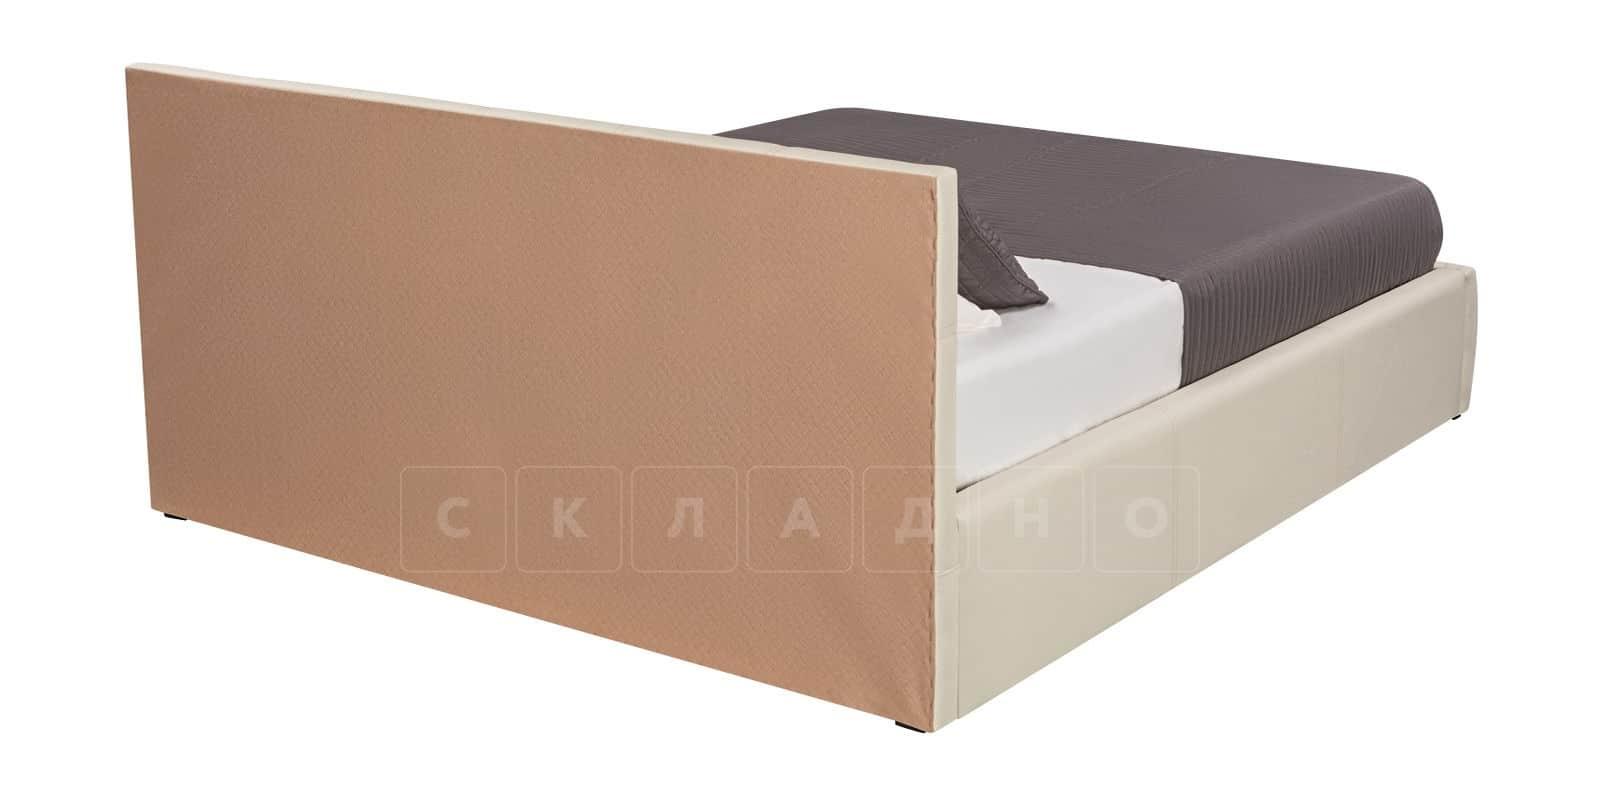 Мягкая кровать Афина 180см молочного цвета экокожа фото 4 | интернет-магазин Складно